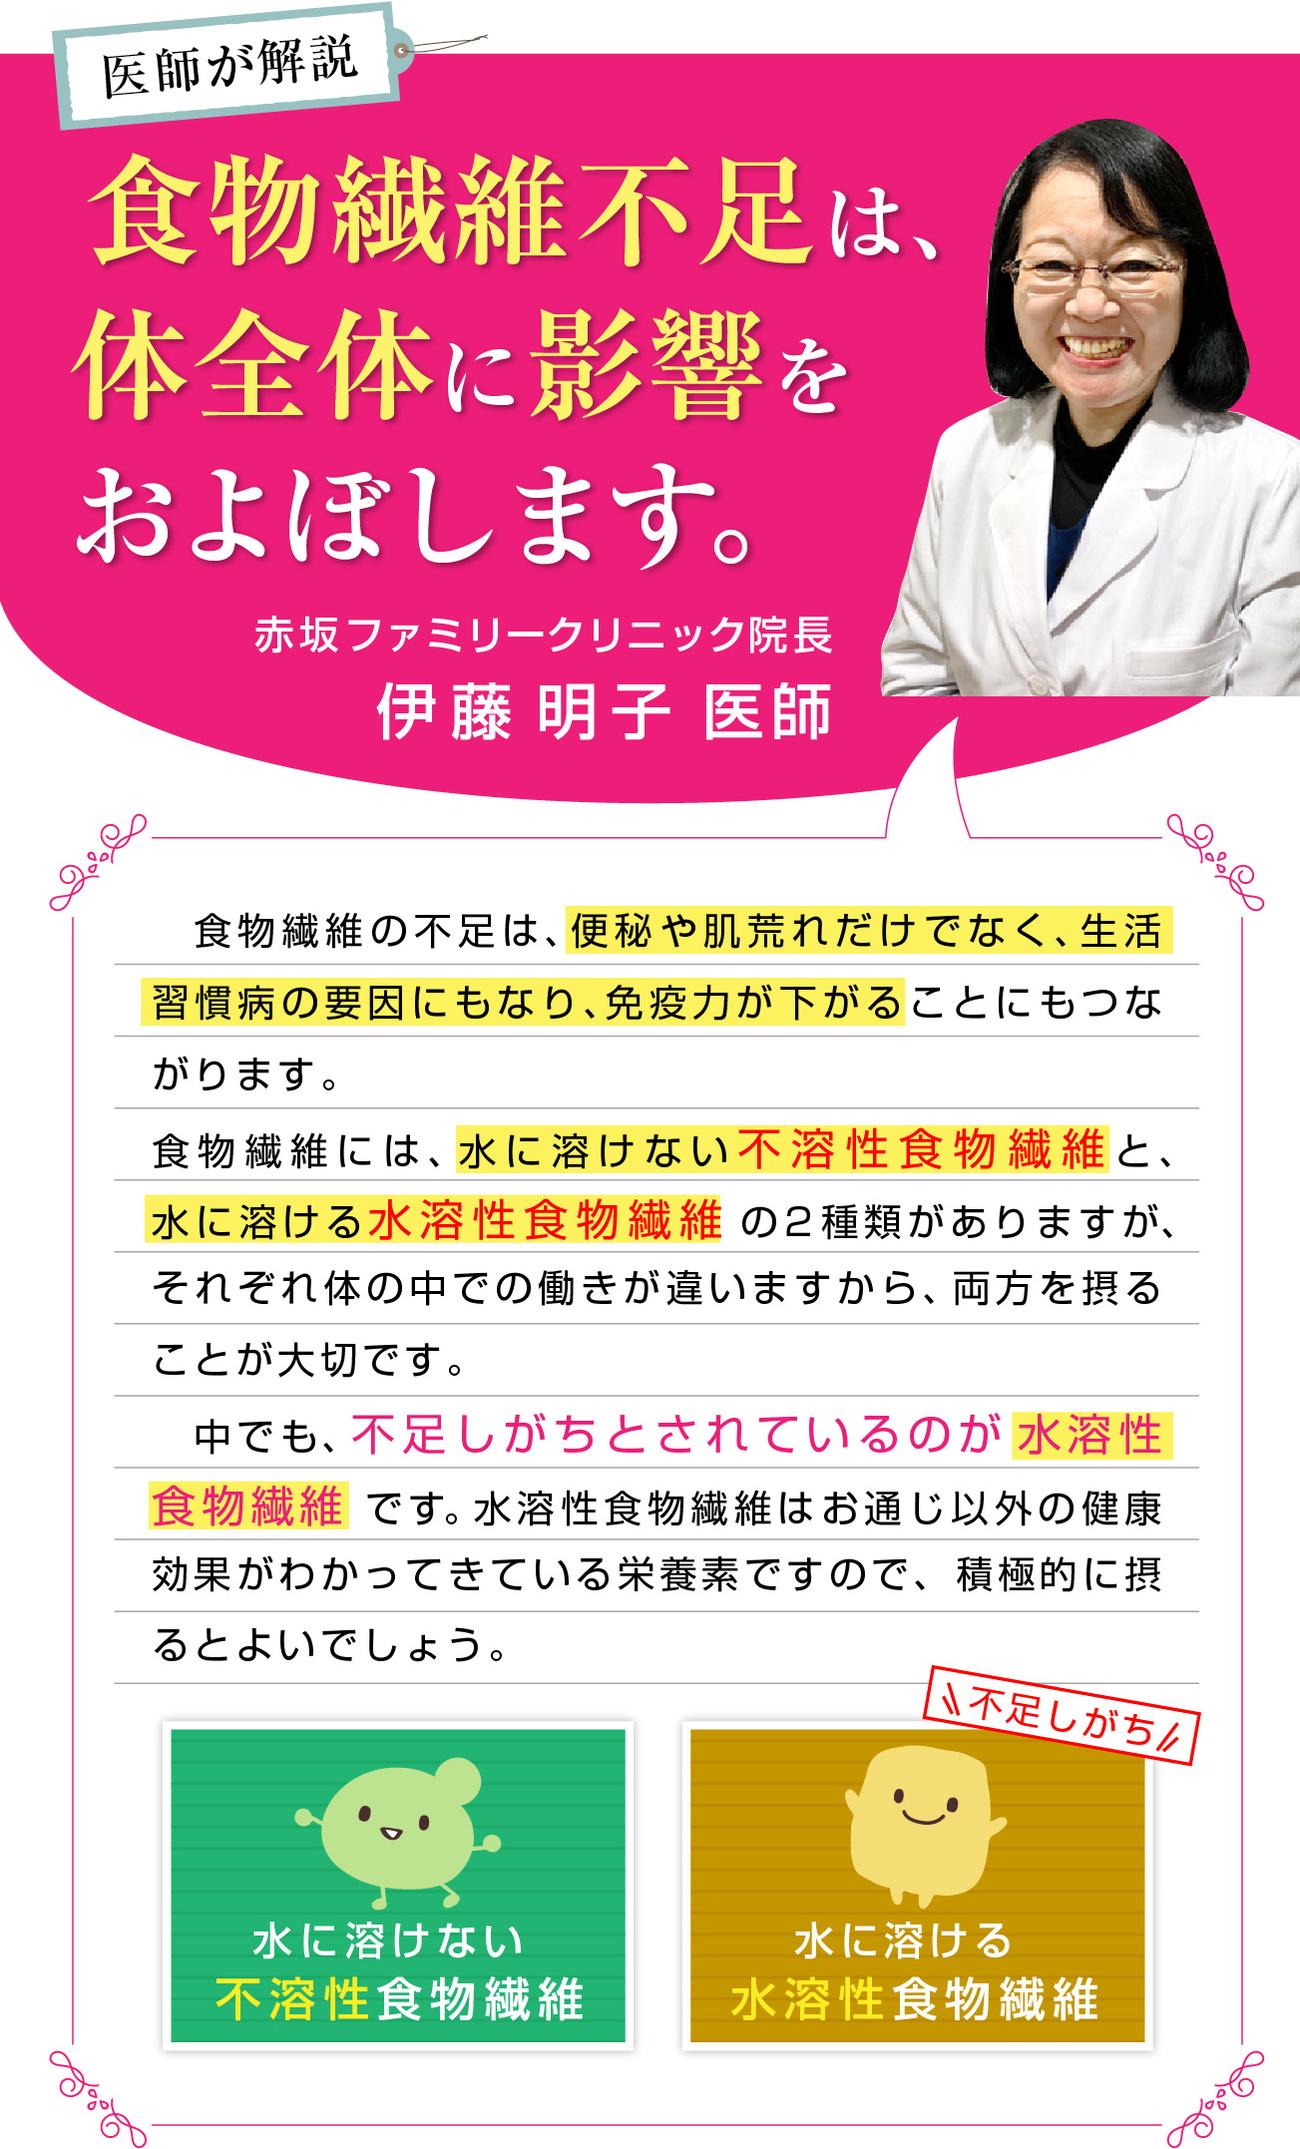 医師が解説食物繊維不足は、体全体に影響をおよぼします。赤坂ファミリークリニック院長伊藤明子医師